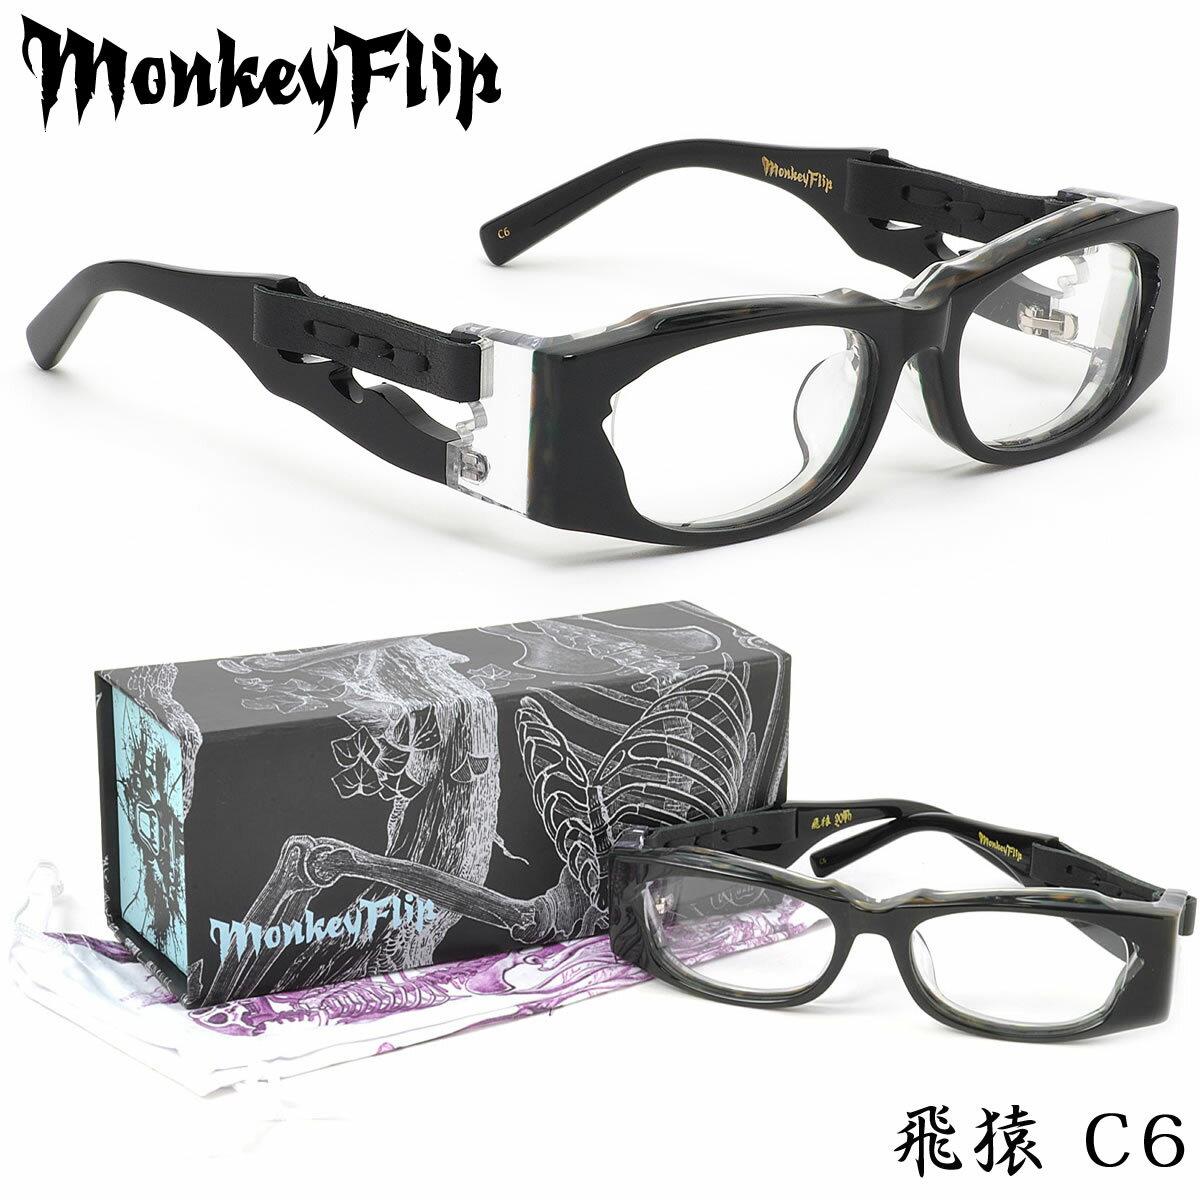 【モンキーフリップ】 (Monkey Flip) メガネ飛猿 C6 53サイズヒエン ひえん THE END OF THE WORLDMonkeyFlip メンズ レディース